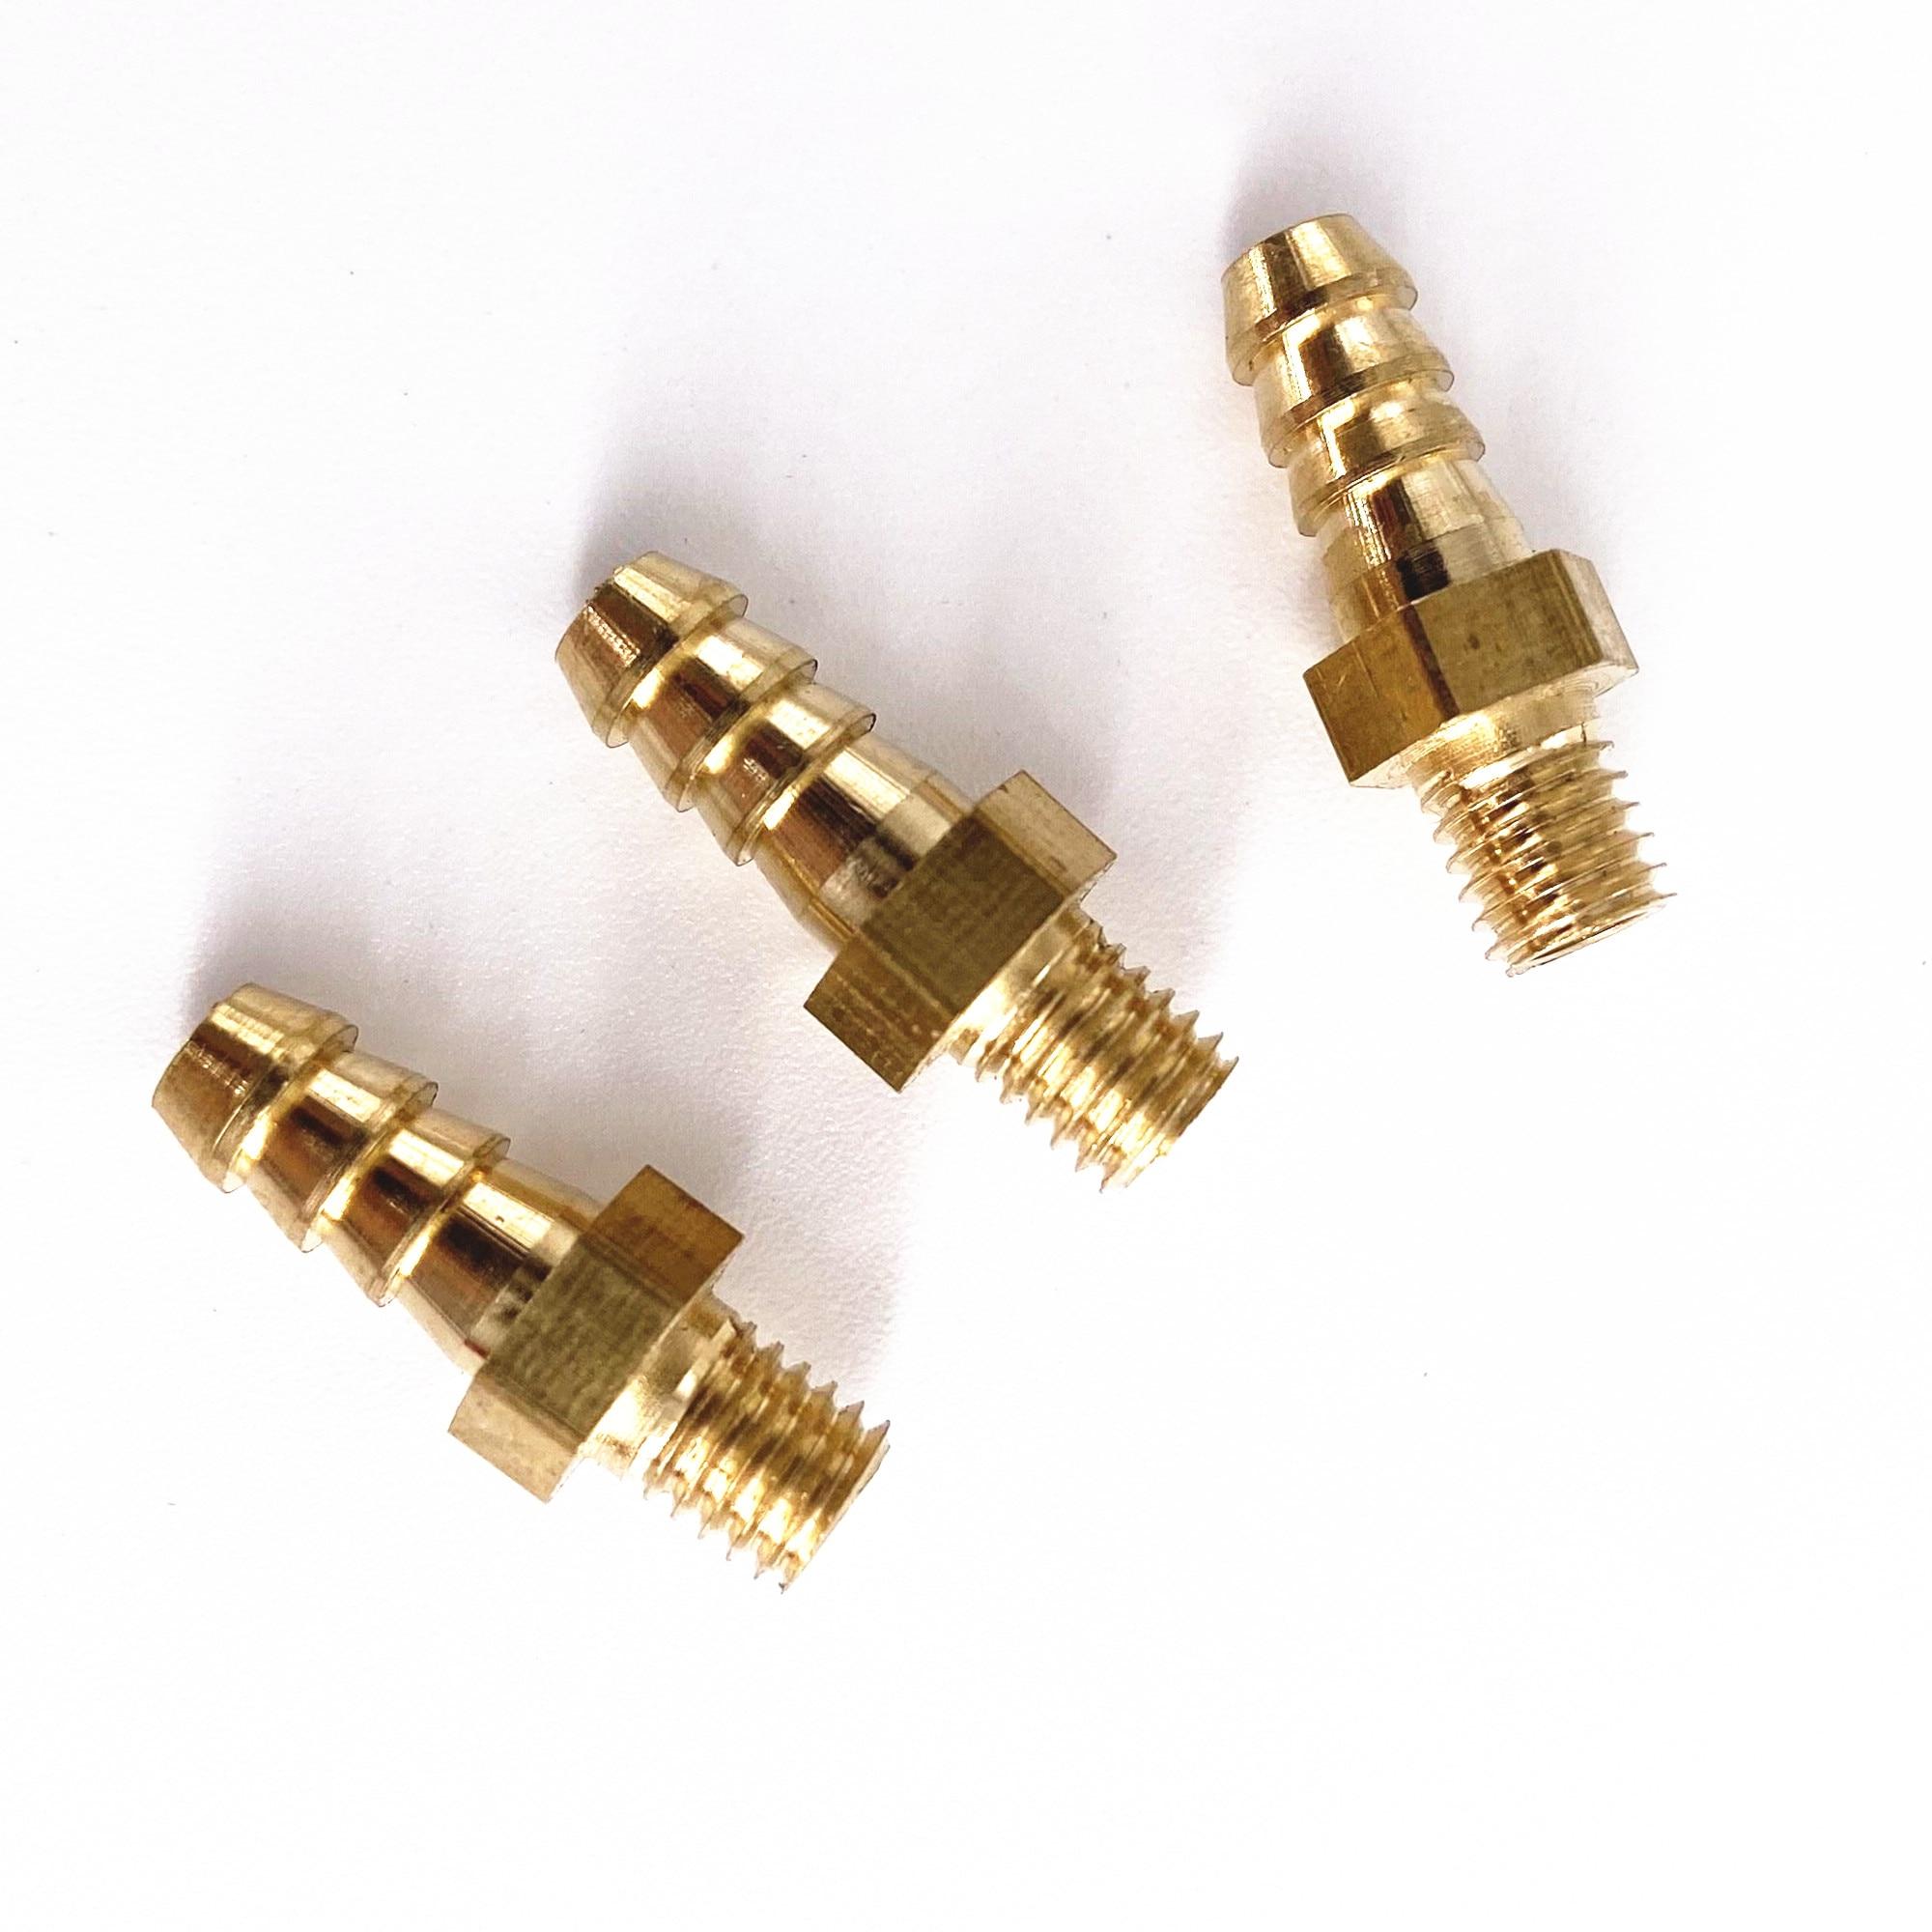 5 шт. M4 M5 M6 M8 Метрическая наружная резьба до 3 мм 4 мм 5 мм 6 мм 8 мм 10 мм шланг с зазубриной OD латунный фитинг с зазубринами соединитель для труб